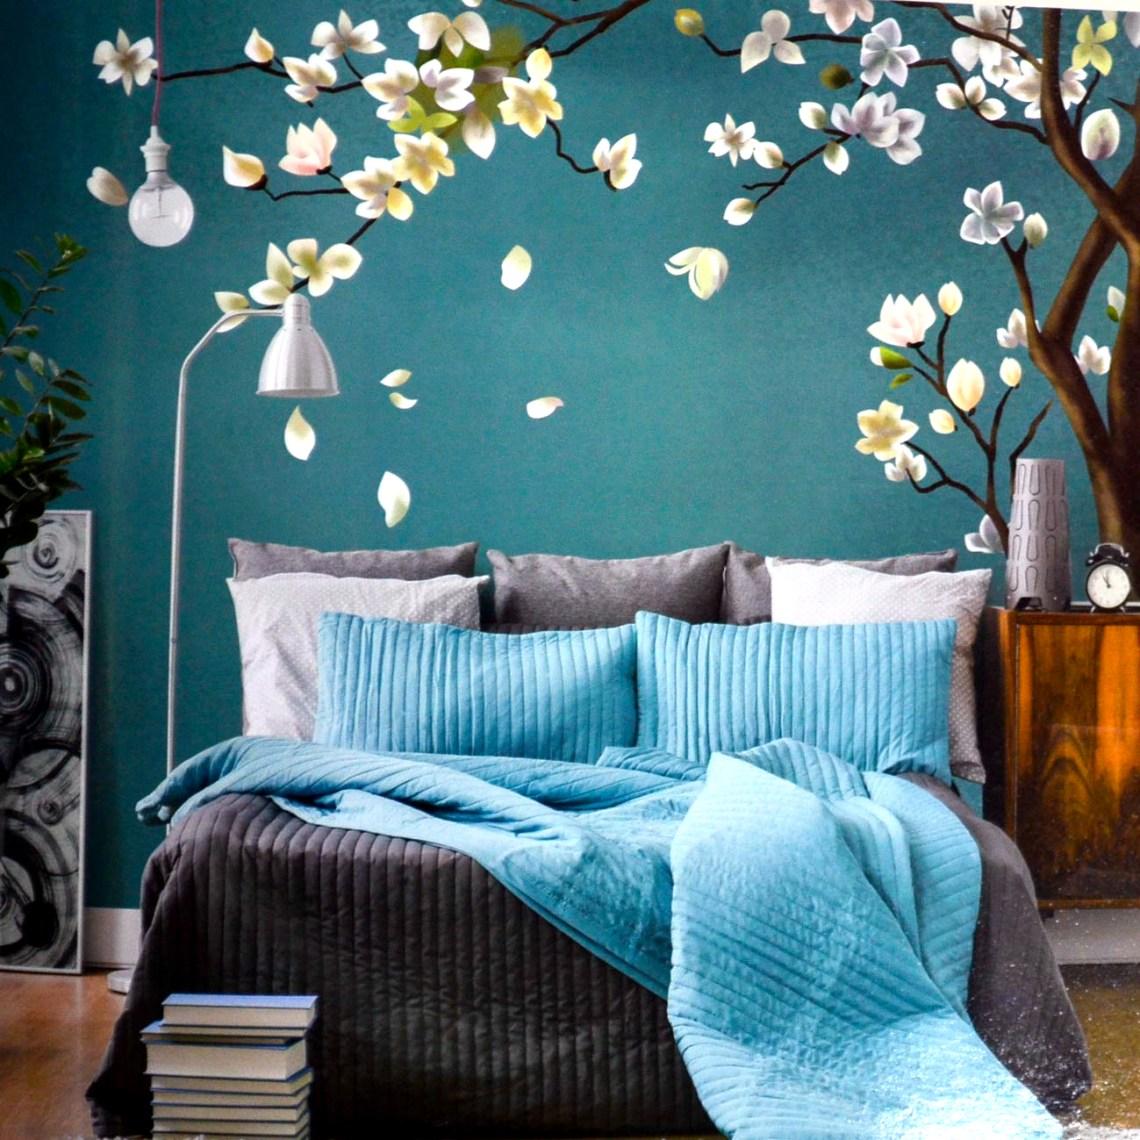 3d Wallpaper For Bedroom Walls 1299x1299 Wallpaper Teahub Io